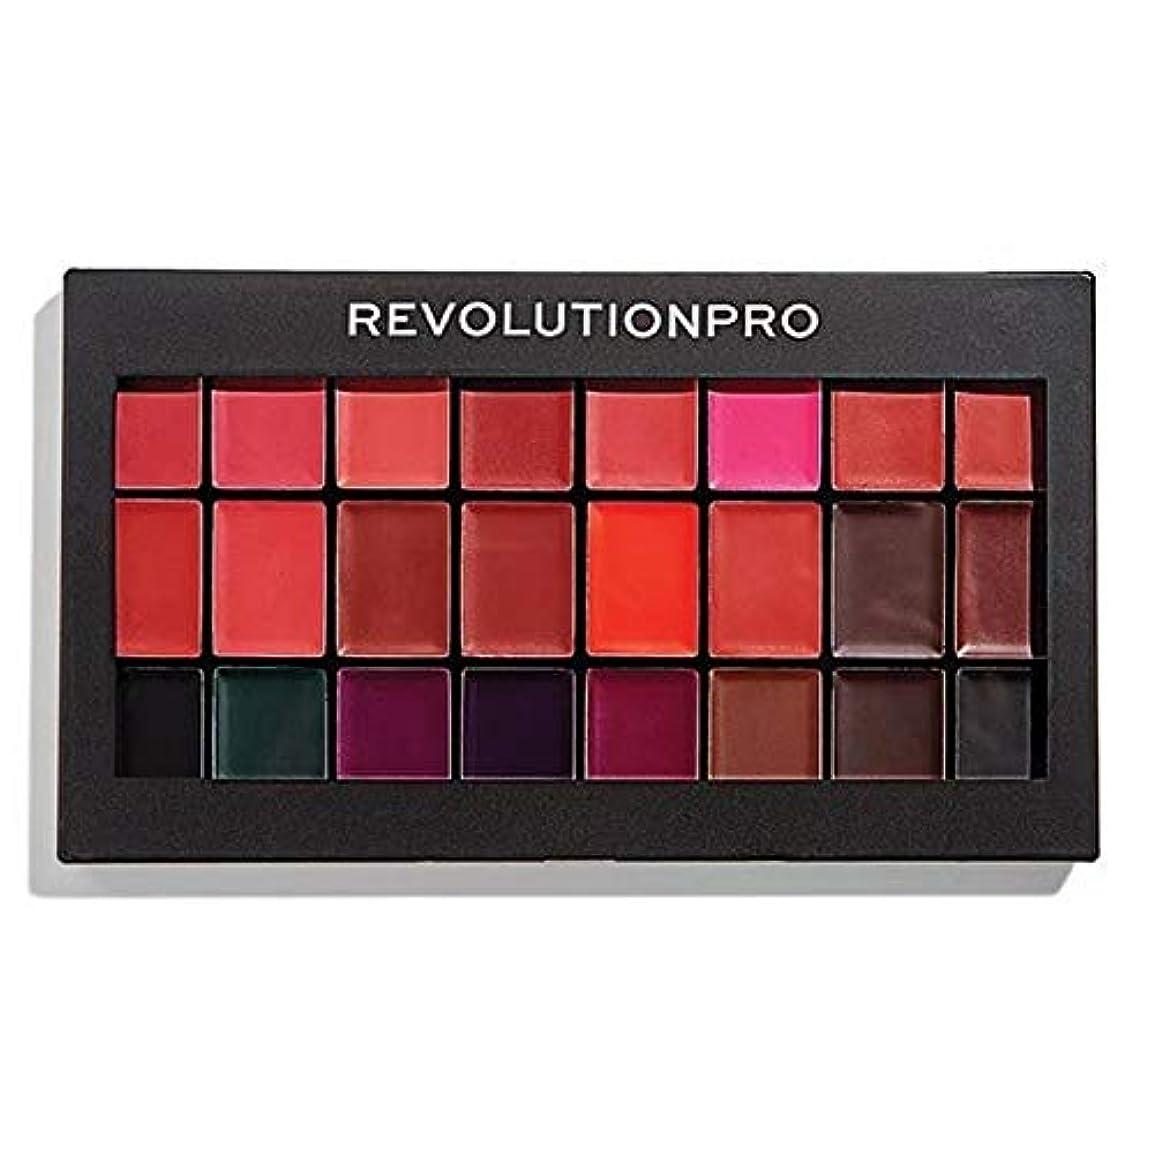 葉巻未払い前者[Revolution ] 革命プロ口紅キット赤&Vamps - Revolution Pro Lipstick Kit Reds & Vamps [並行輸入品]